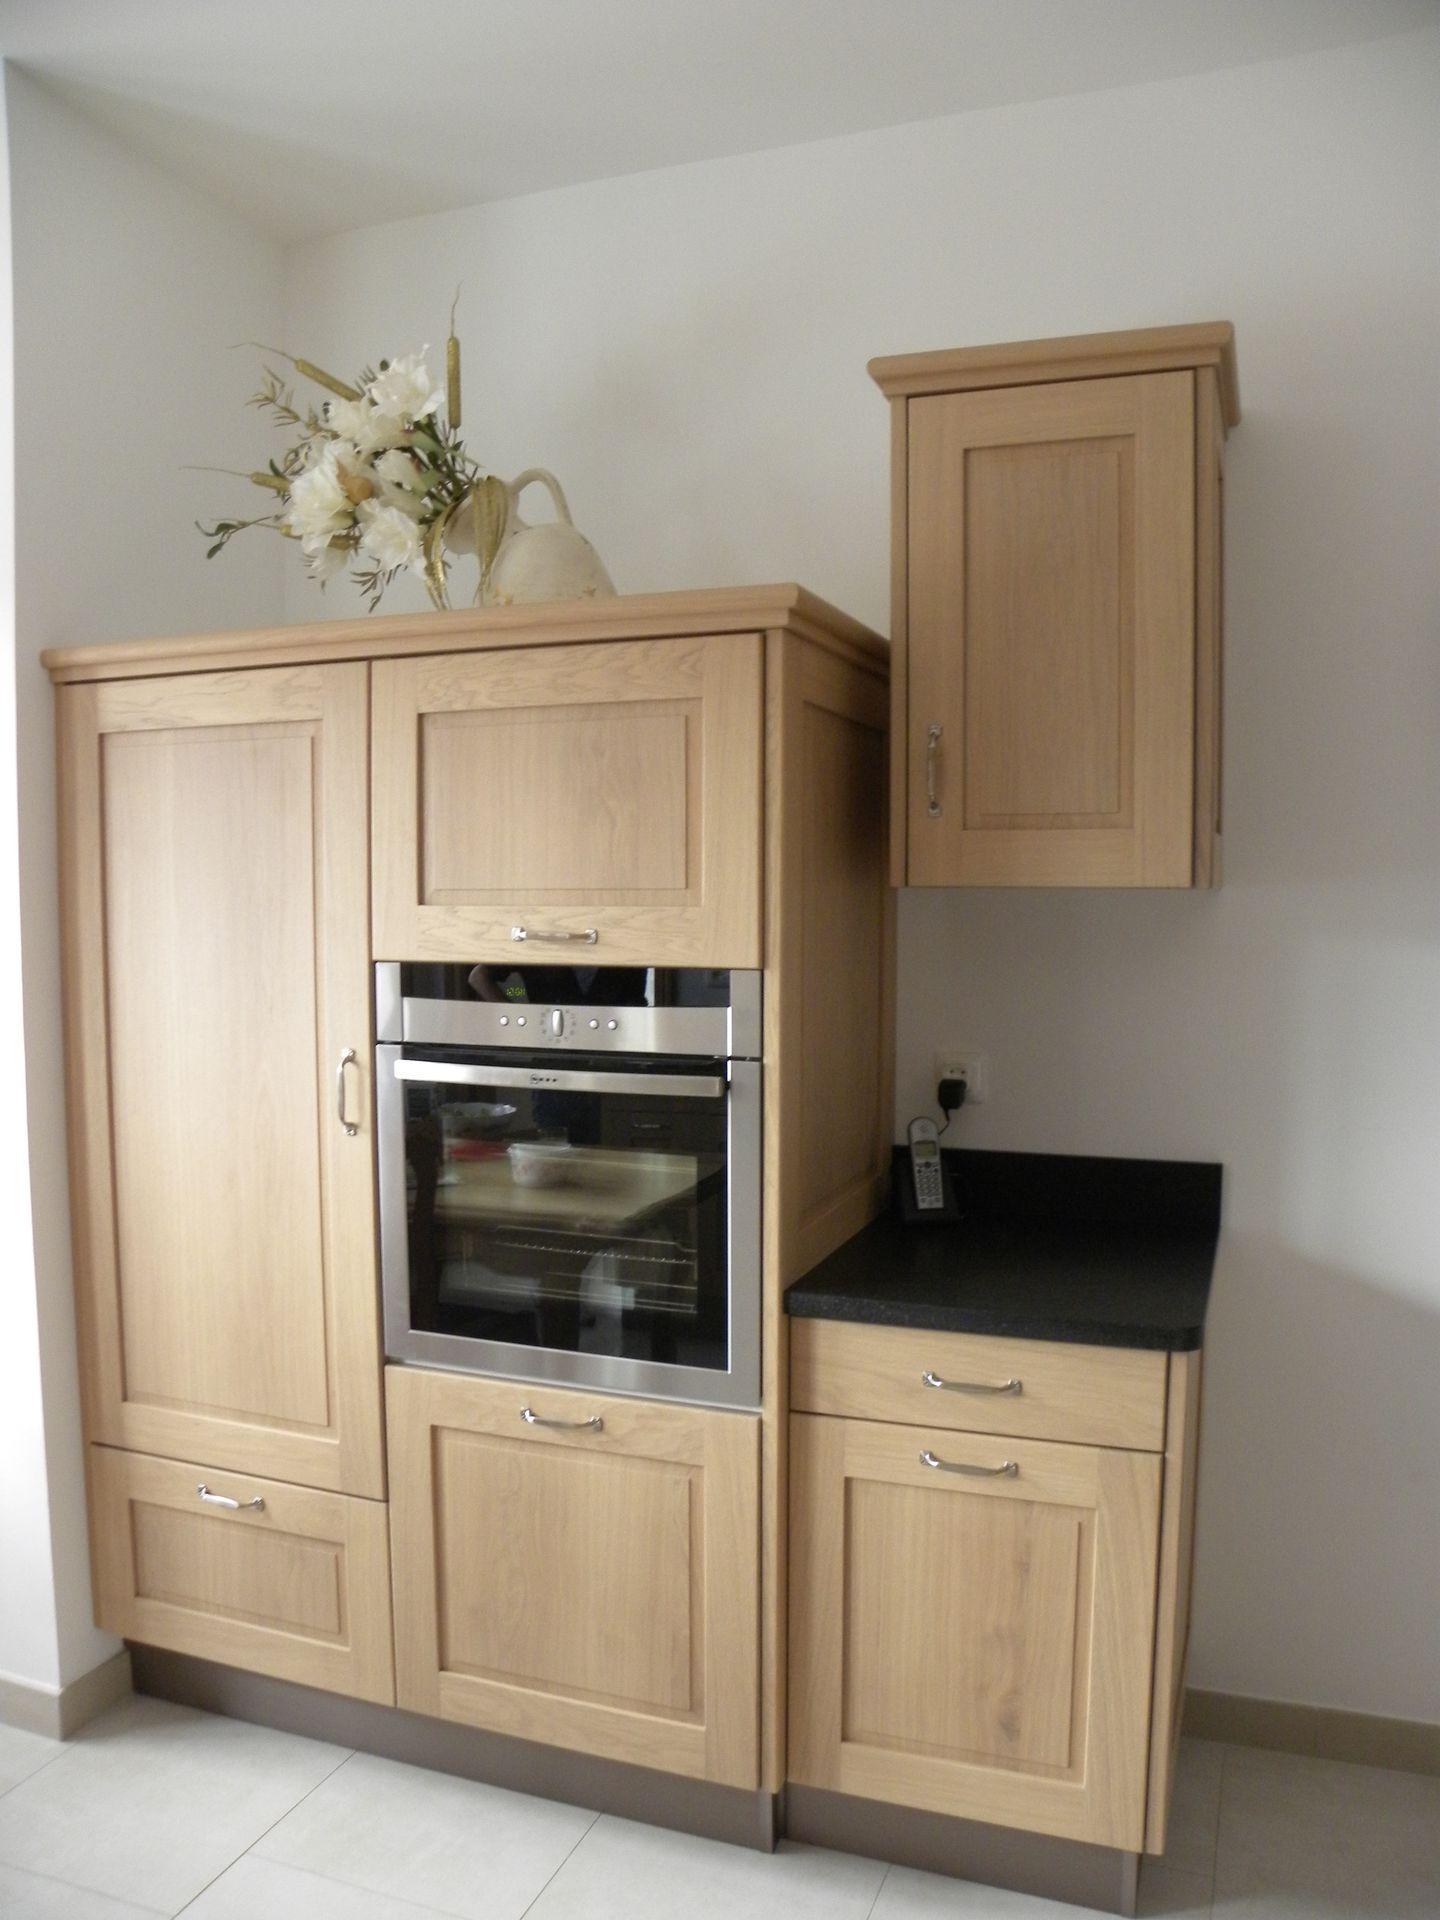 Cuisine moderne ch ne naturel verni mat gilles martel for Decaper meuble vernis chene